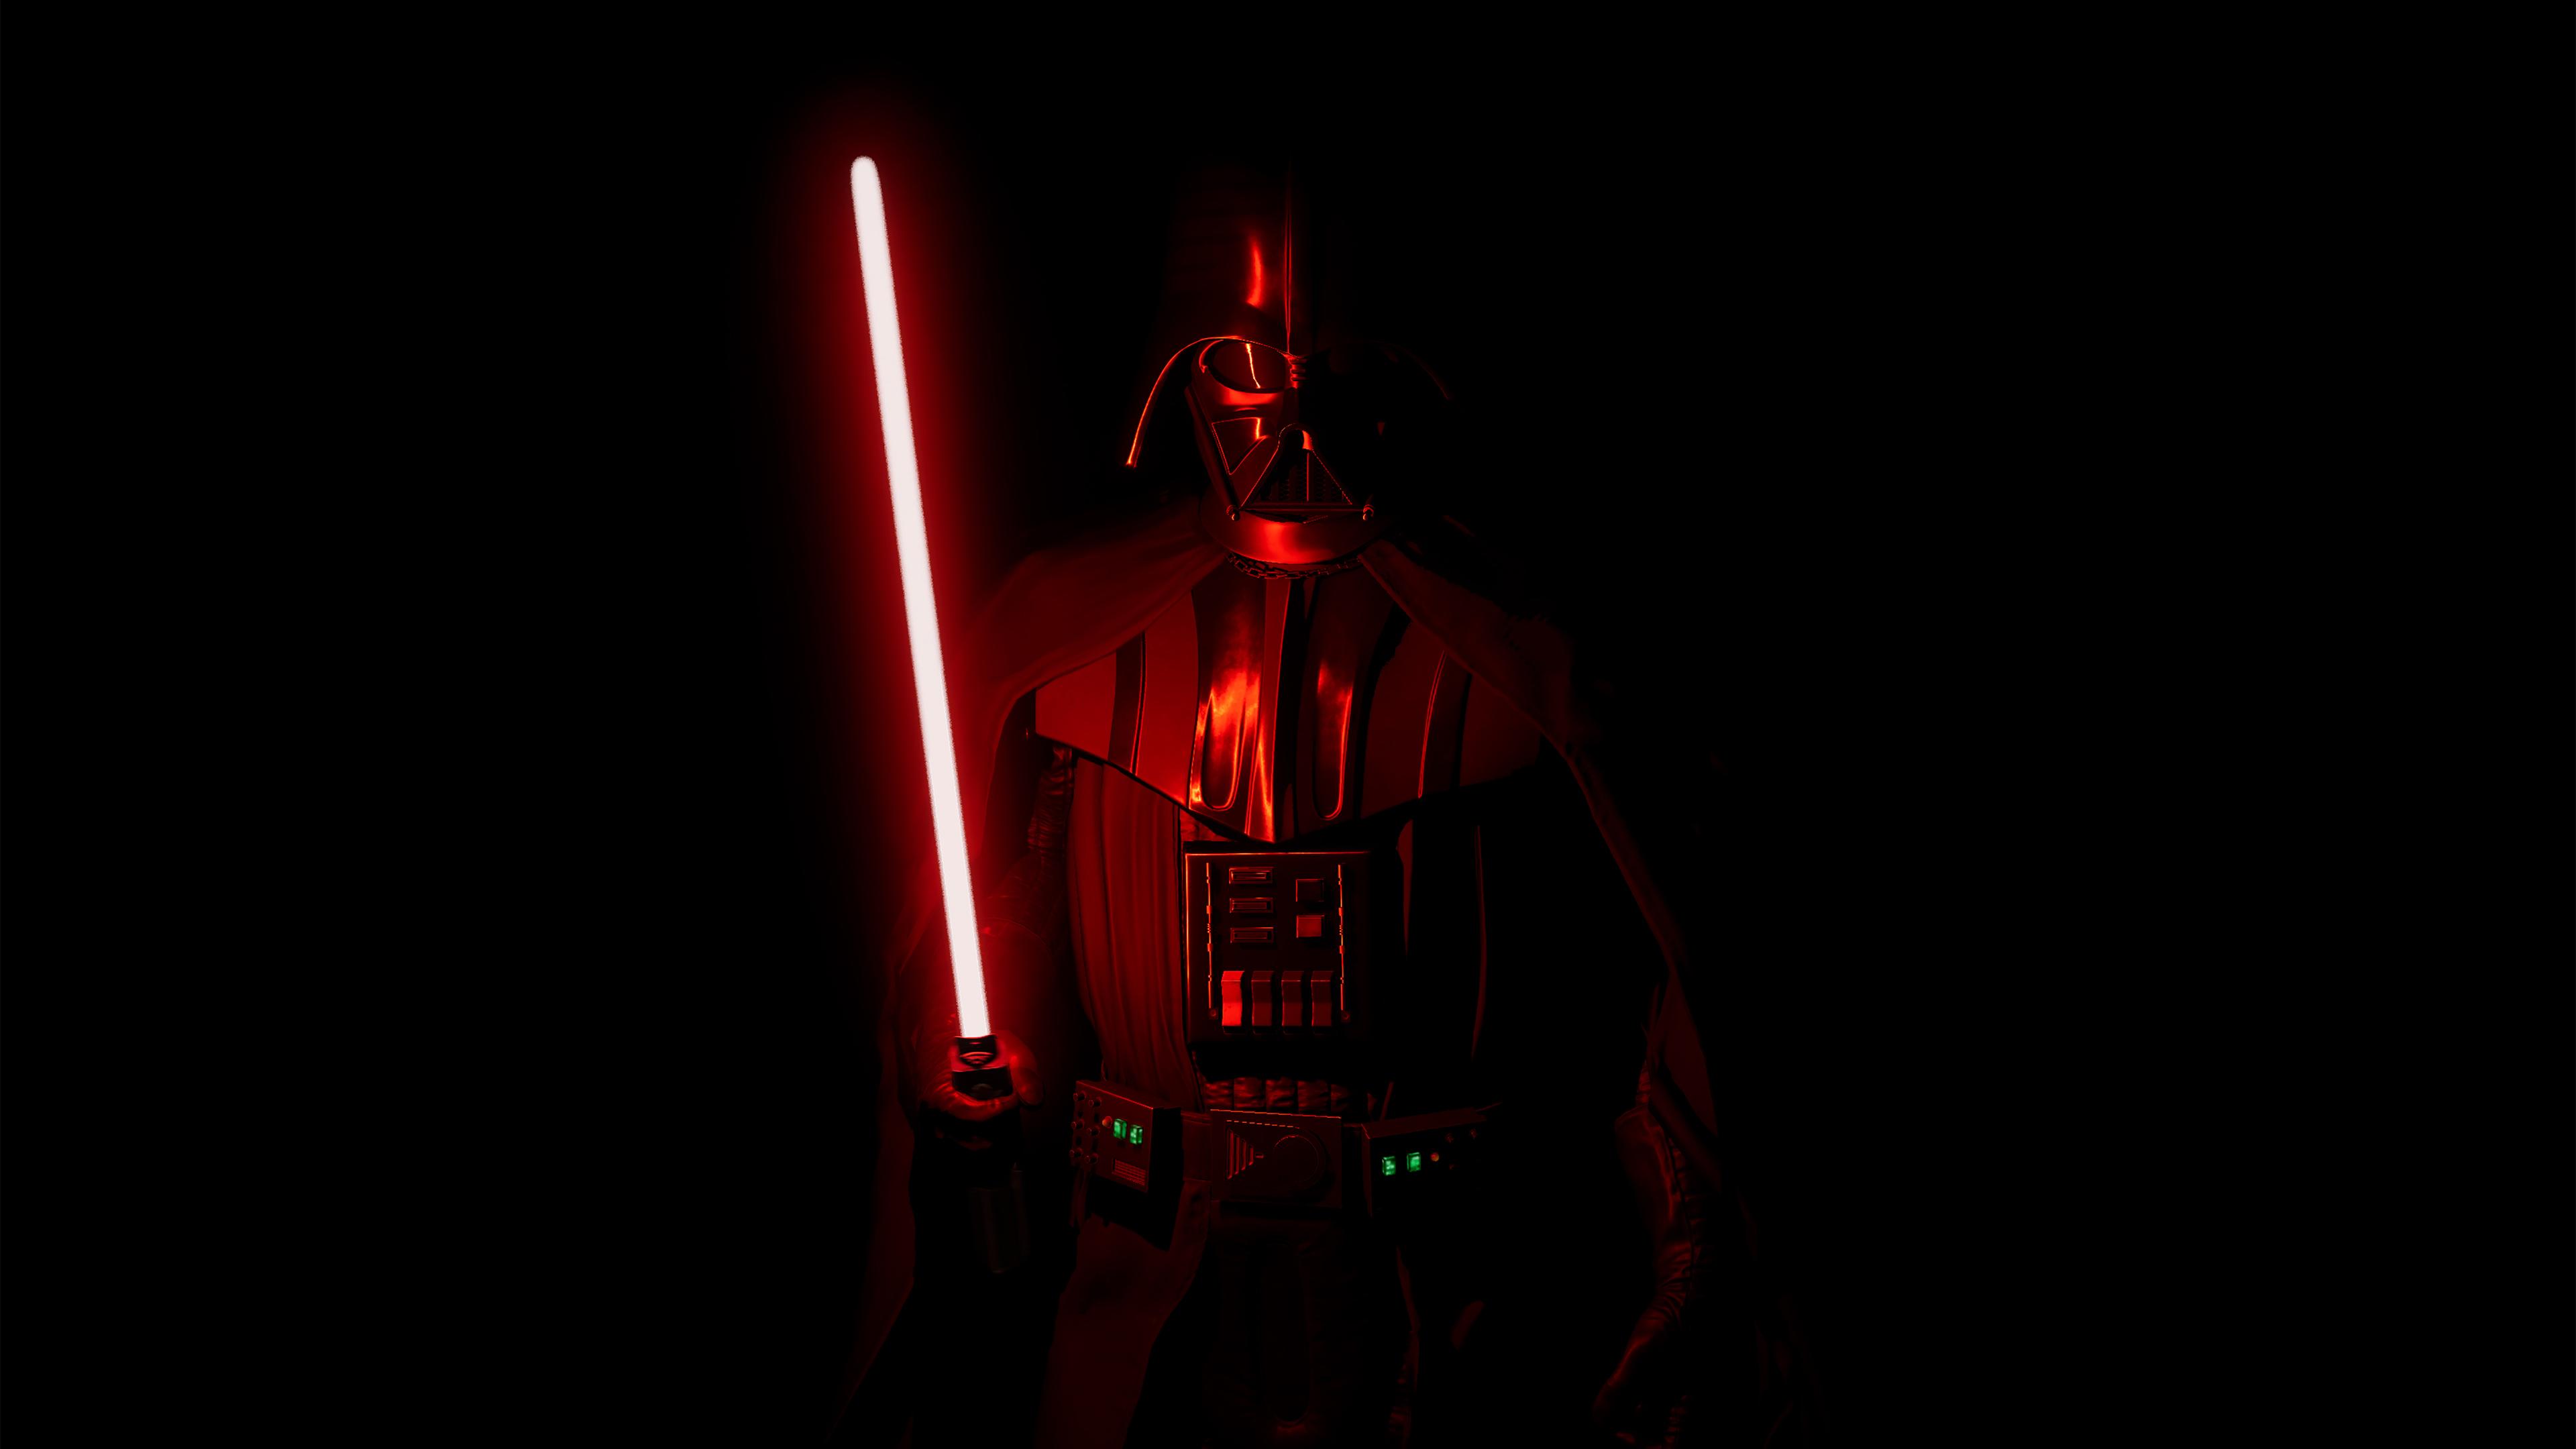 Wallpaper 4k Darth Vader 4k 2019 4k Wallpapers Darth Vader